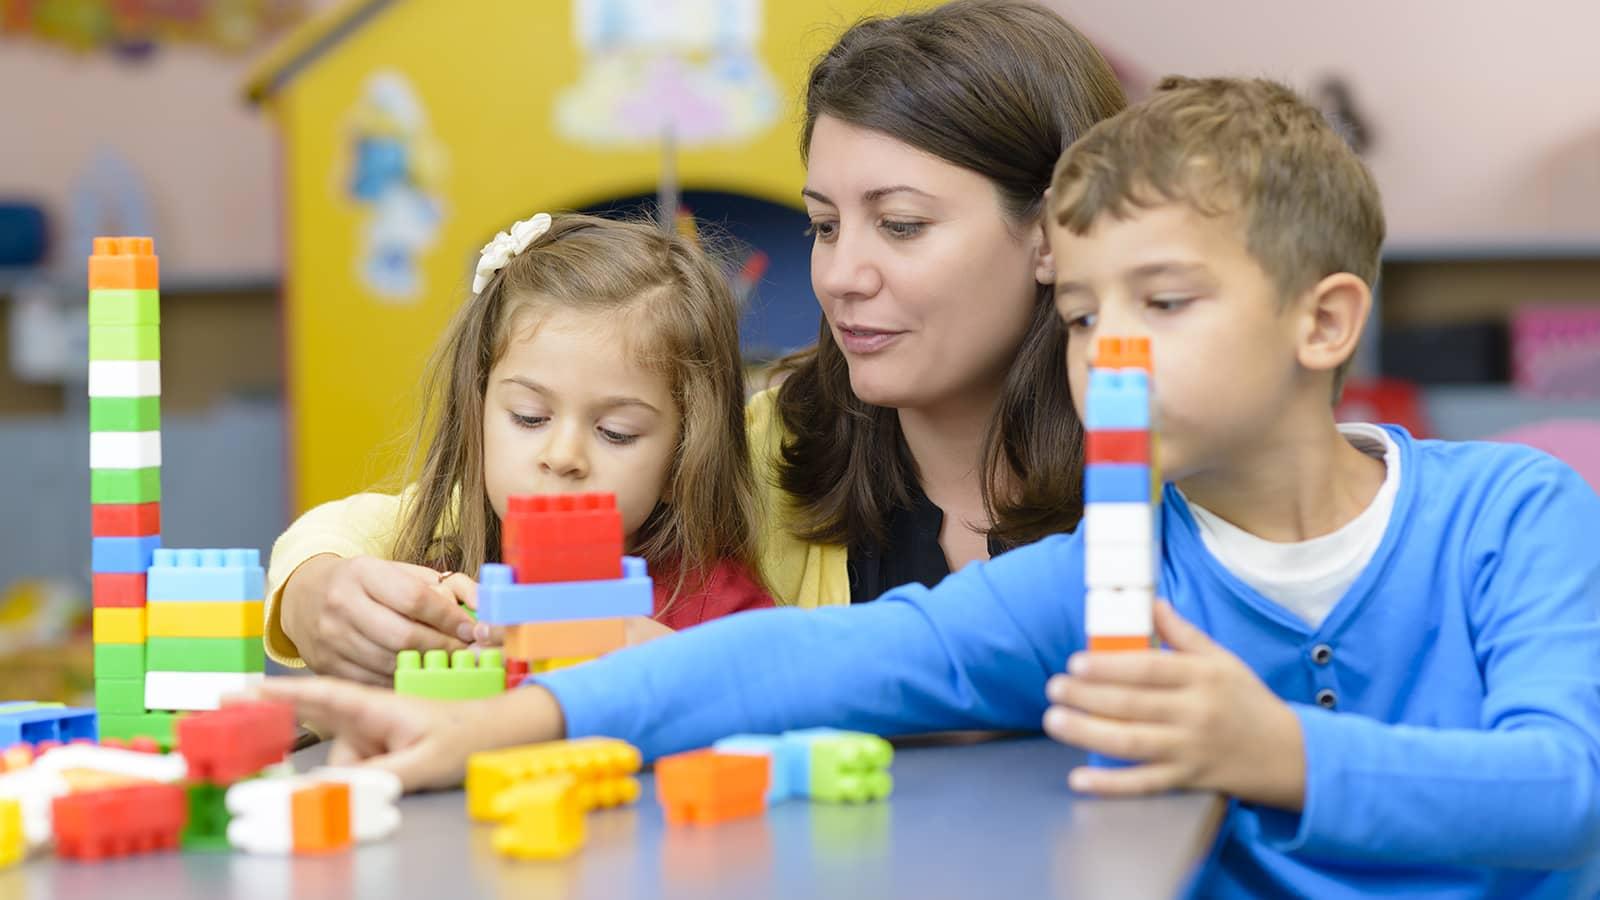 子どもの自立心を養う具体的なサポート方法とは?